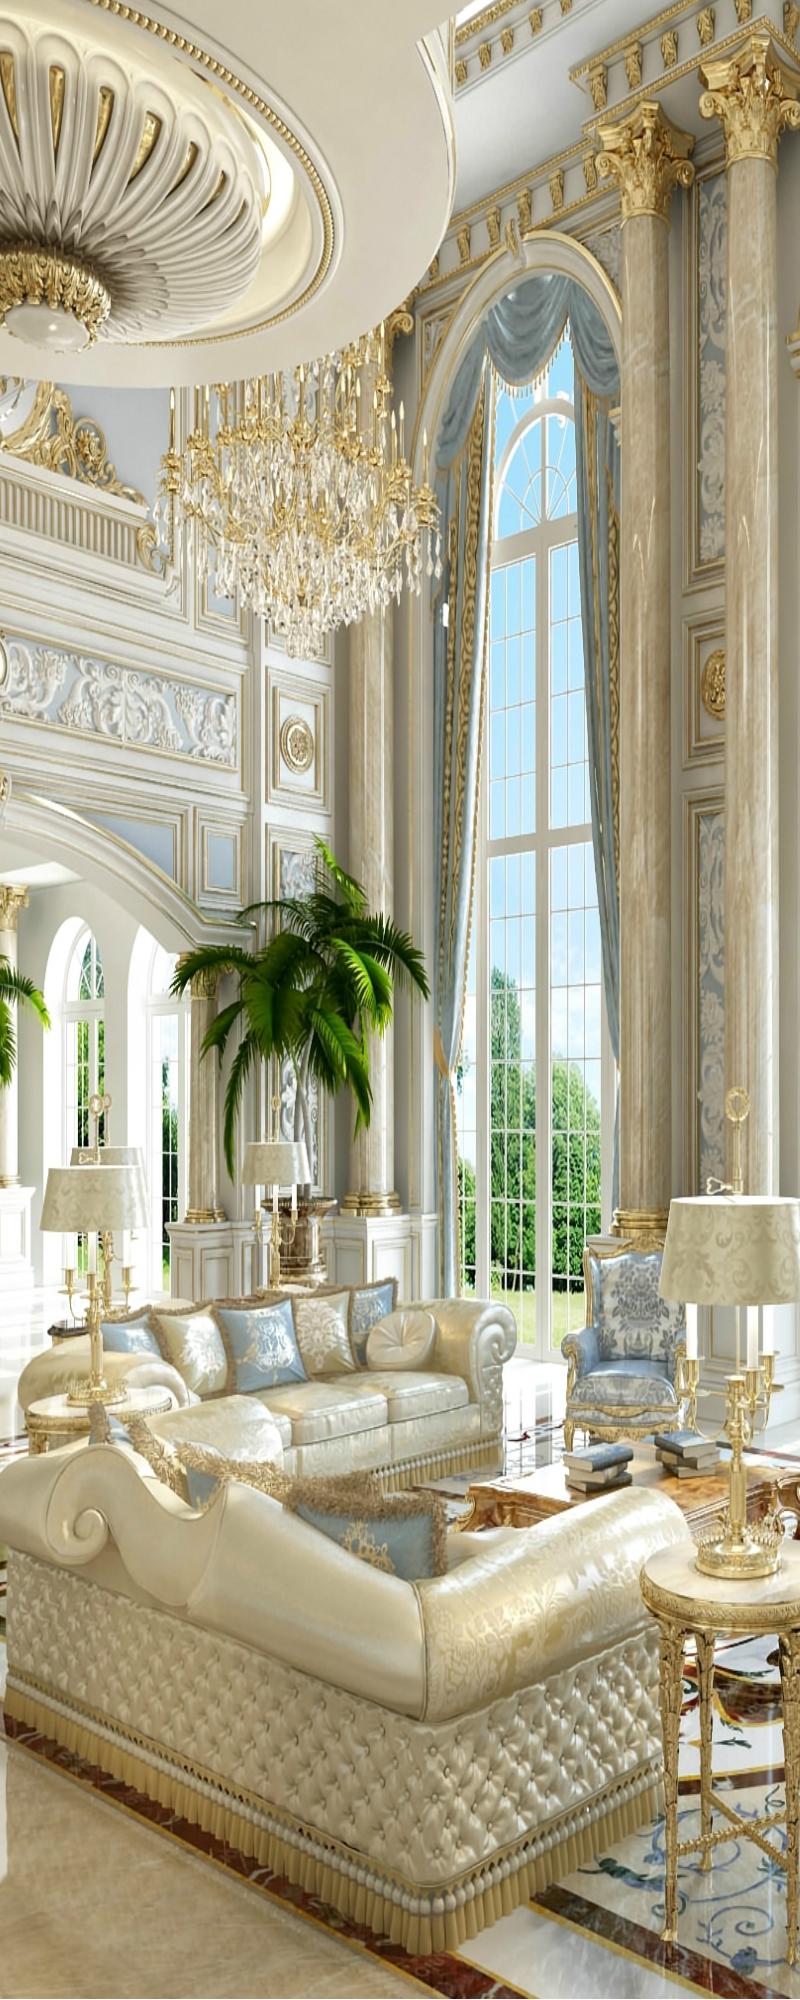 Rosamaria  frangini architecture luxury interiors lux antonovich design also rh pinterest